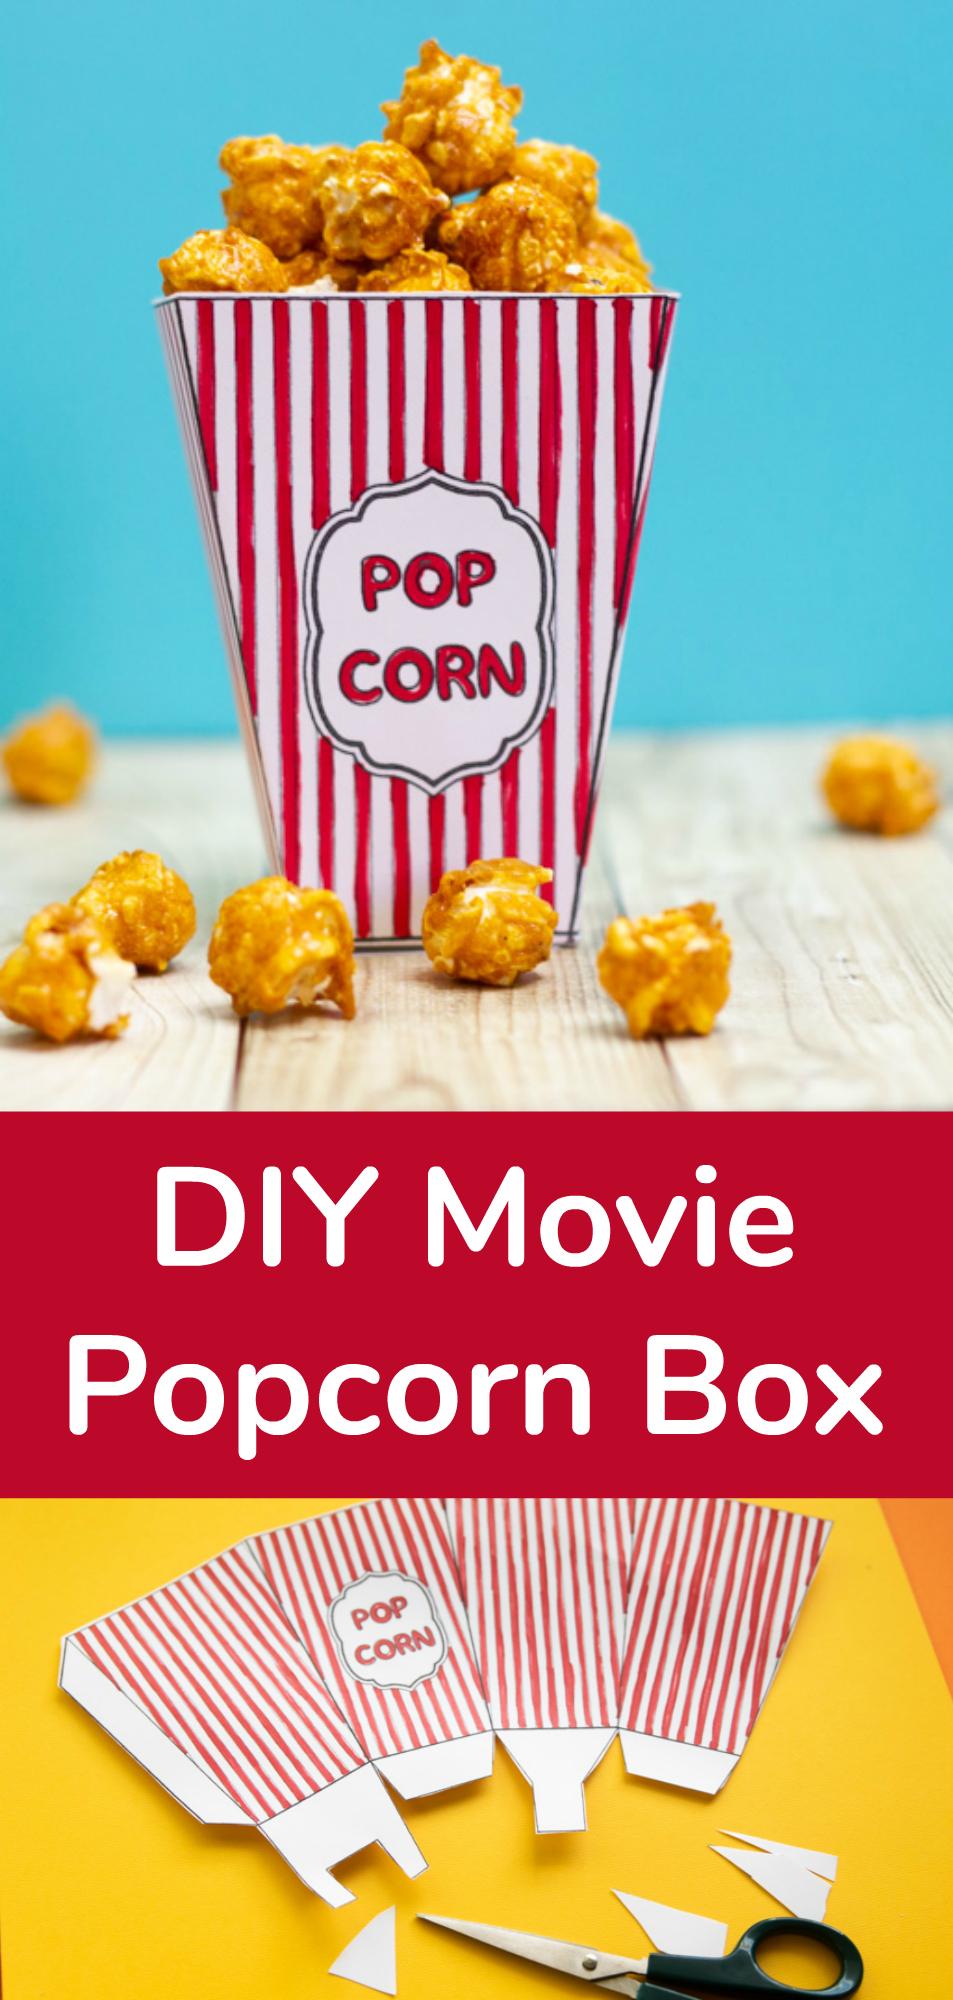 DIY Movie Popcorn Box + Free Printable